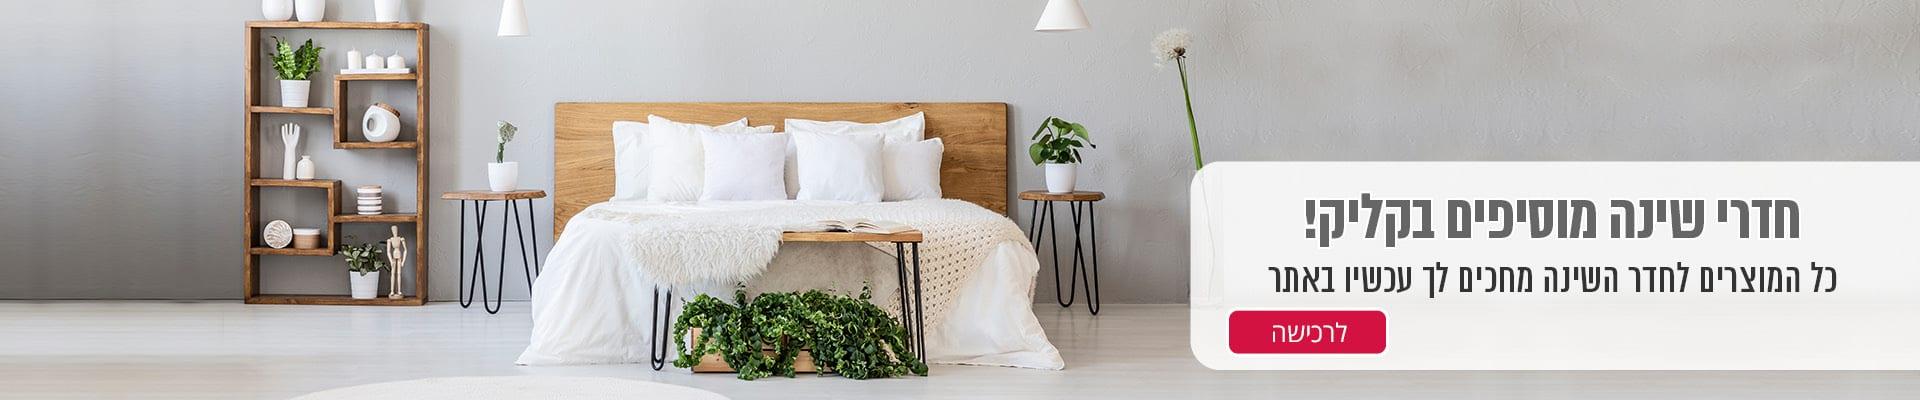 כל המוצרים לחדר השינה מחכים לך עכשיו באתר